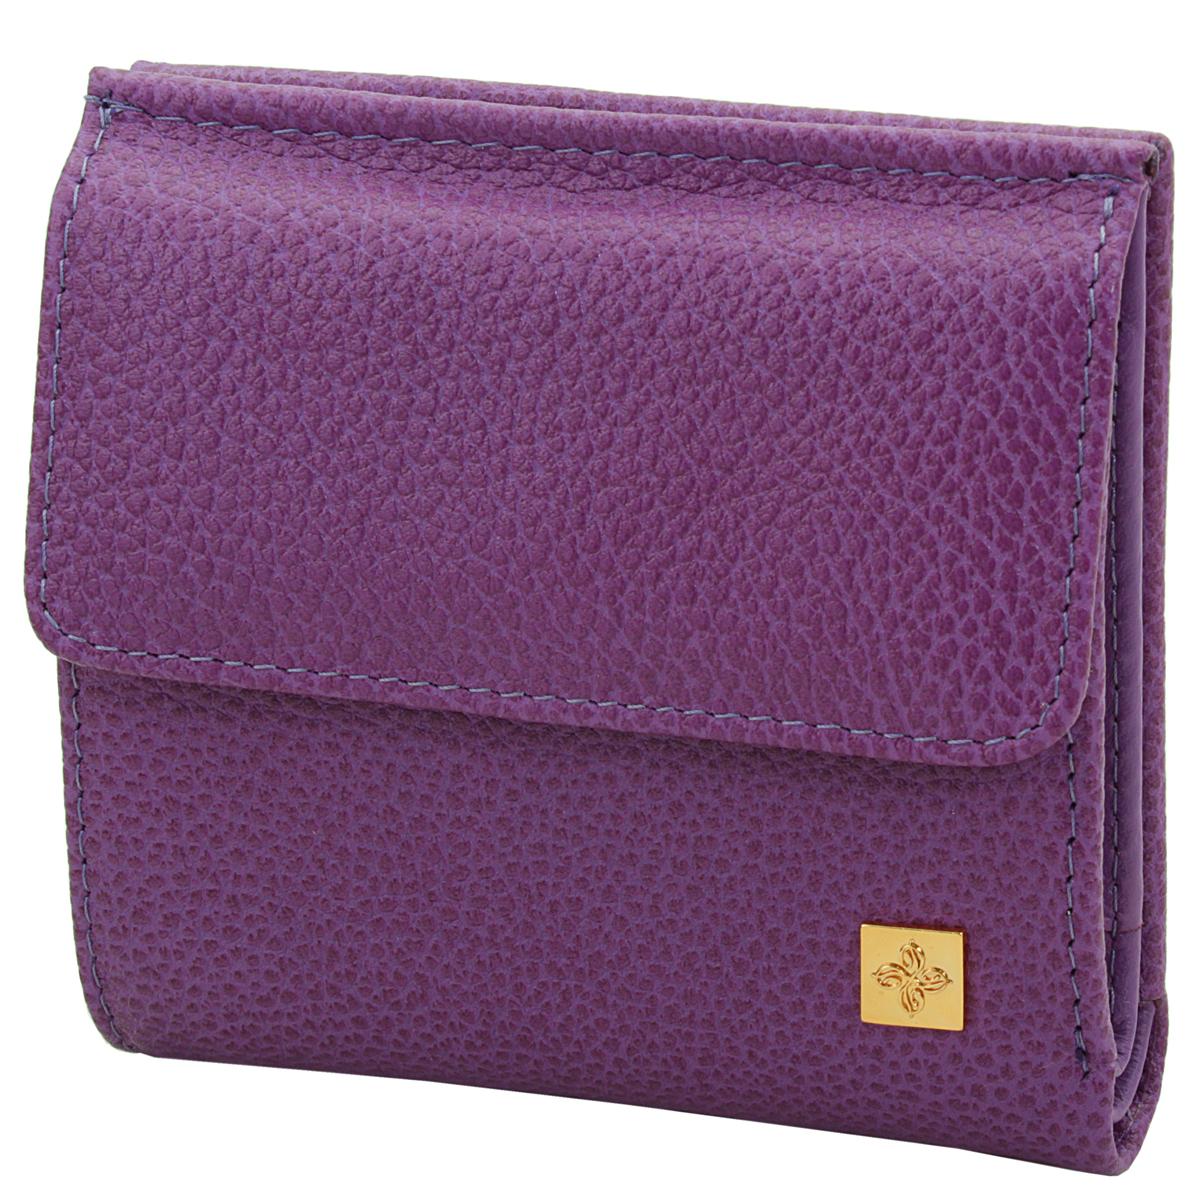 Кошелек женский Dimanche Purpur, цвет: пурпурный. 103103Женский компактный кошелек Purpur выполнен из натуральной высококачественной кожи с декоративным тиснением. Снаружи - объемный карман для мелочи, закрывается на кнопку. Внутри располагаются один карман для купюр с потайным отделением на молнии и карман для бумаг и небольших документов, также имеются два отделения для кредиток, кармашек для sim-карты, два смежных вертикальных кармана и карман с прозрачной стенкой. Кошелек упакован в фирменную картонную коробку. Характеристики: Материал: натуральная кожа, текстиль, металл. Размер кошелька: 10 см х 10 см х 3 см. Цвет: пурпурный.